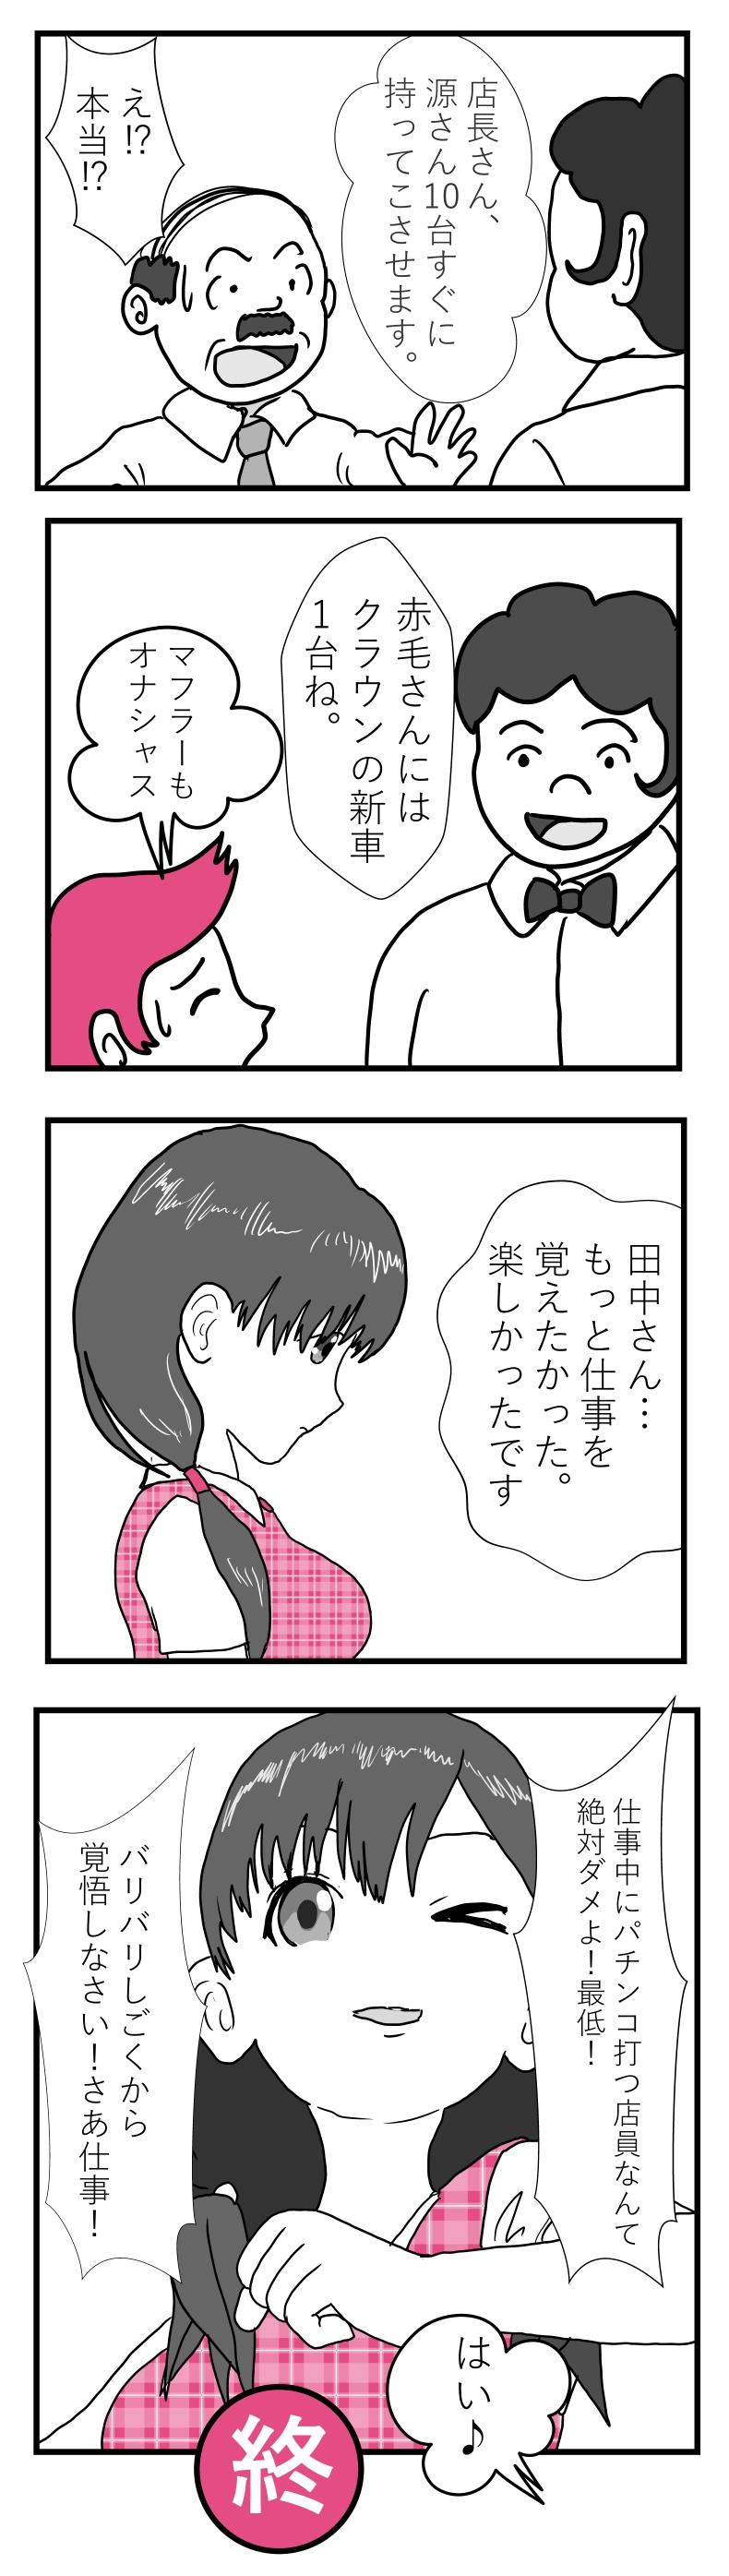 WEBパチスロ漫画 10ページ